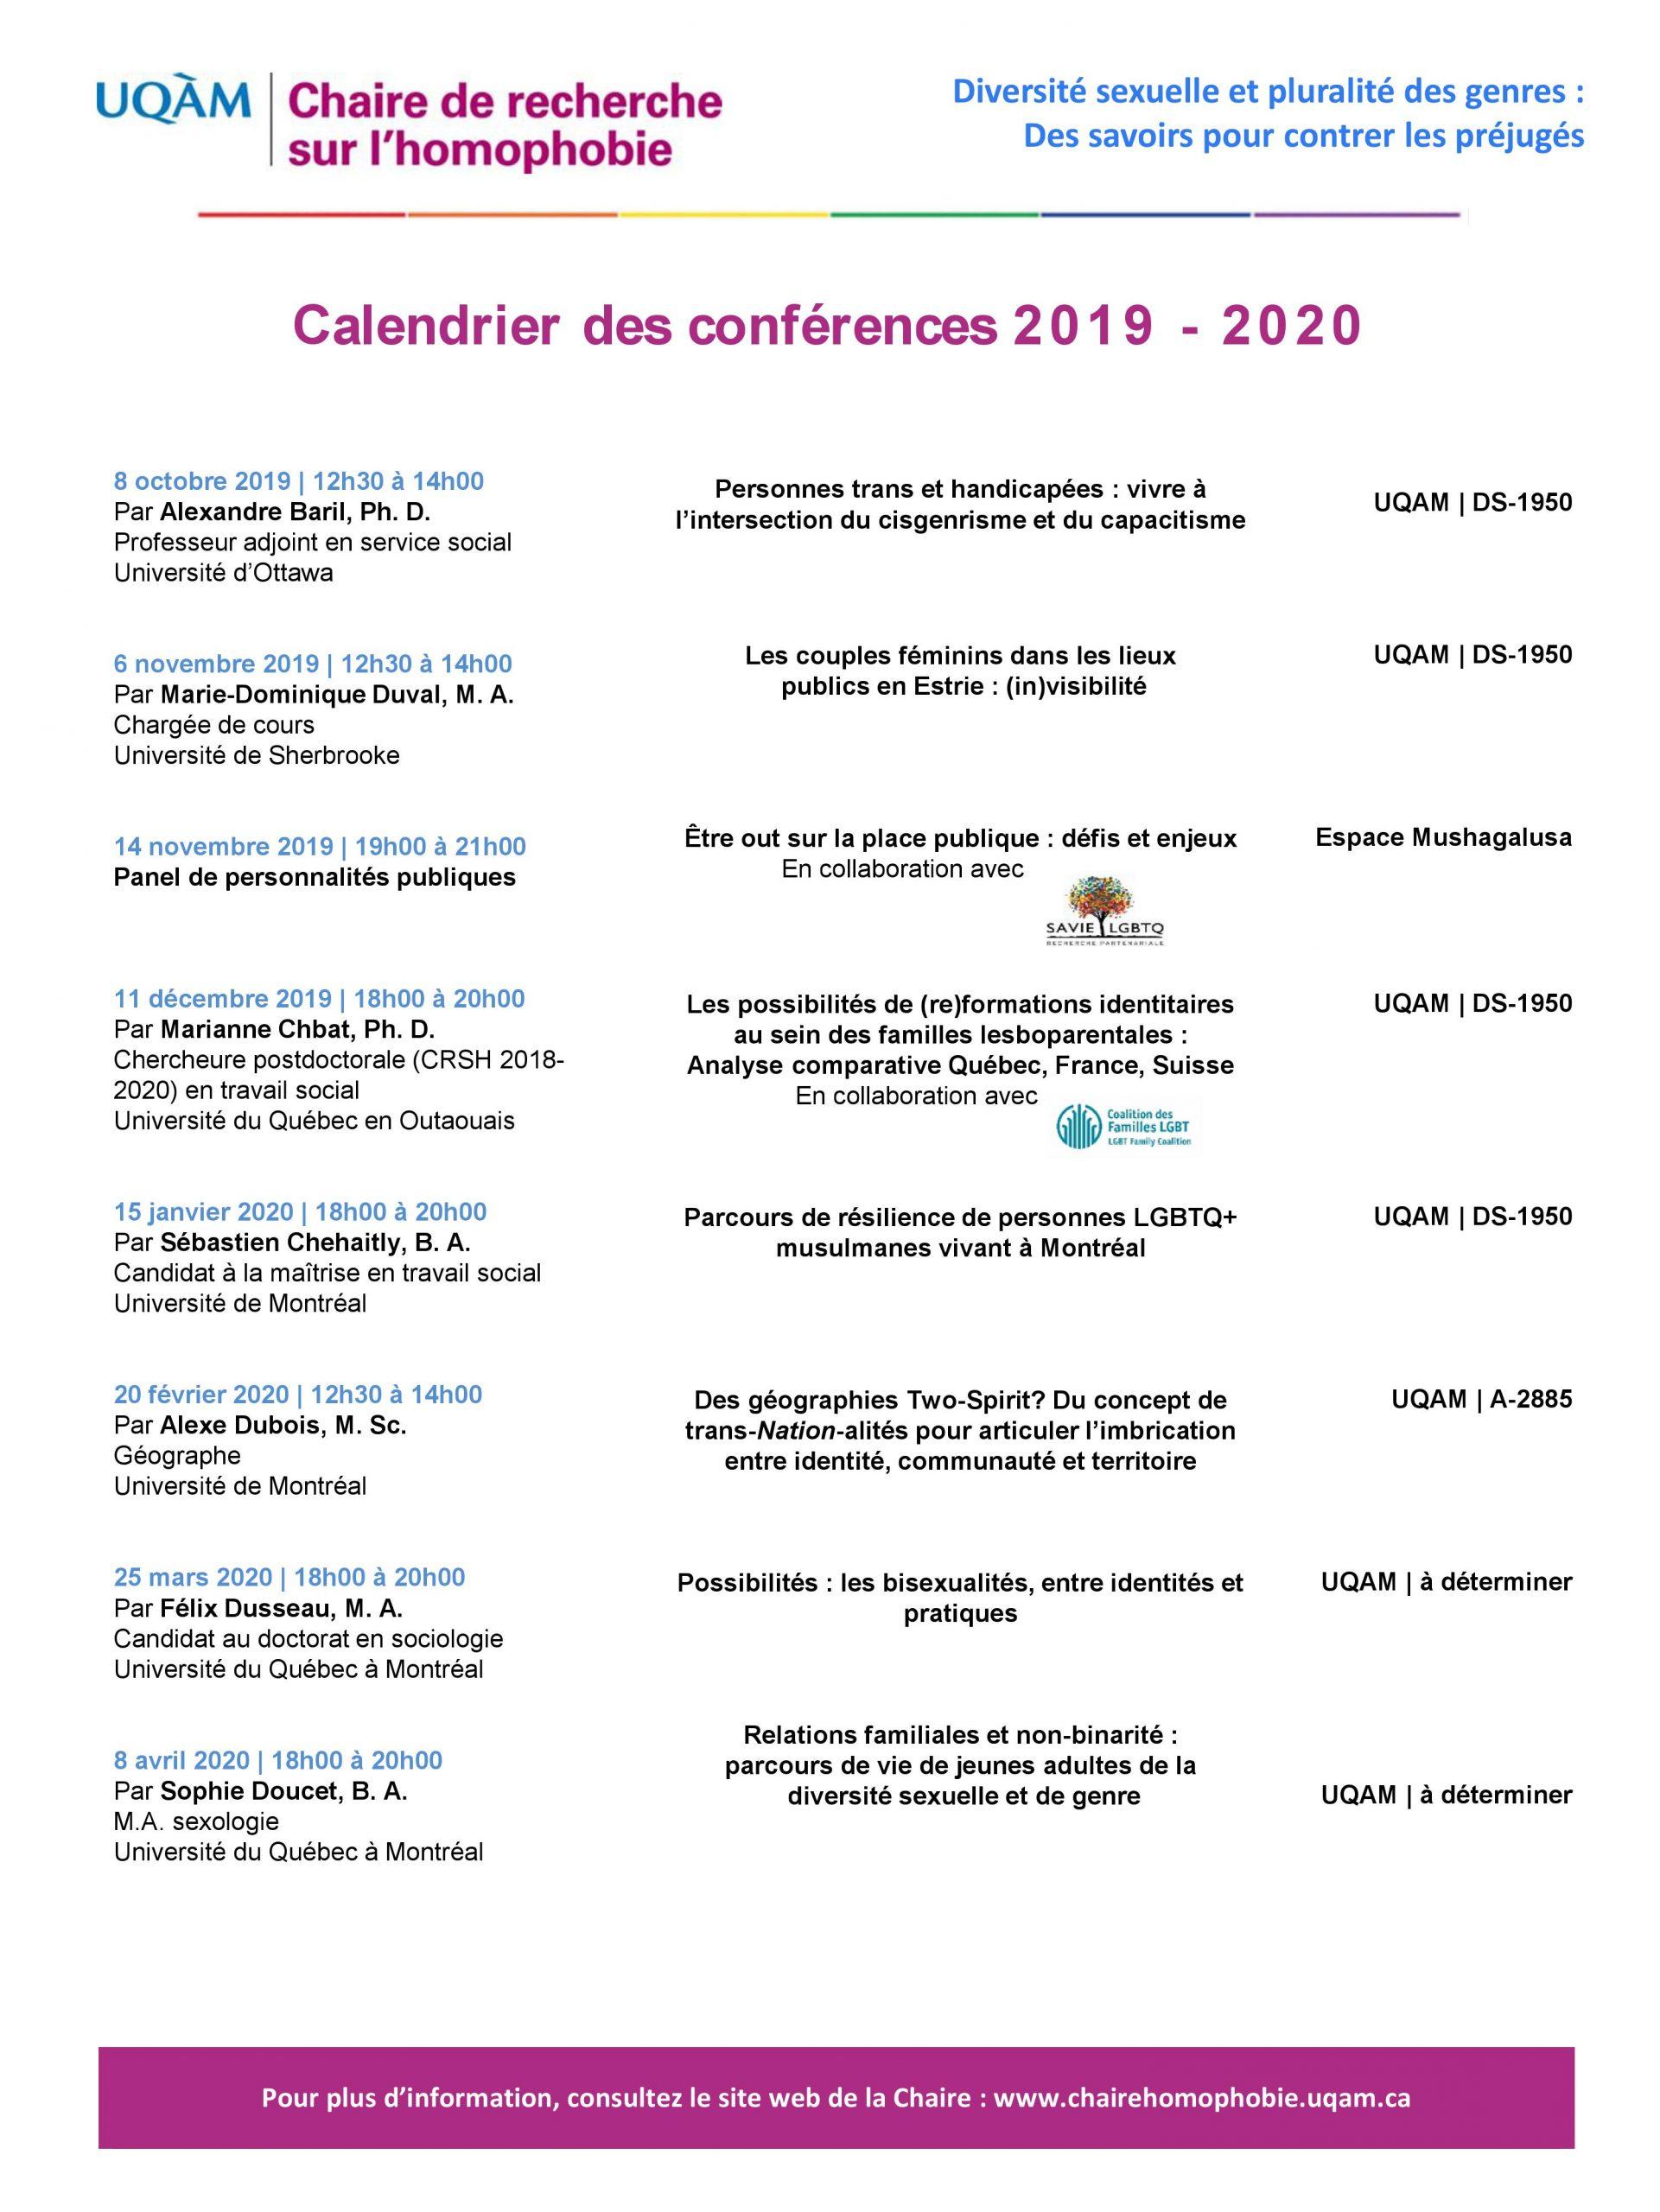 Programmation des conférences mensuelles 2019-2020